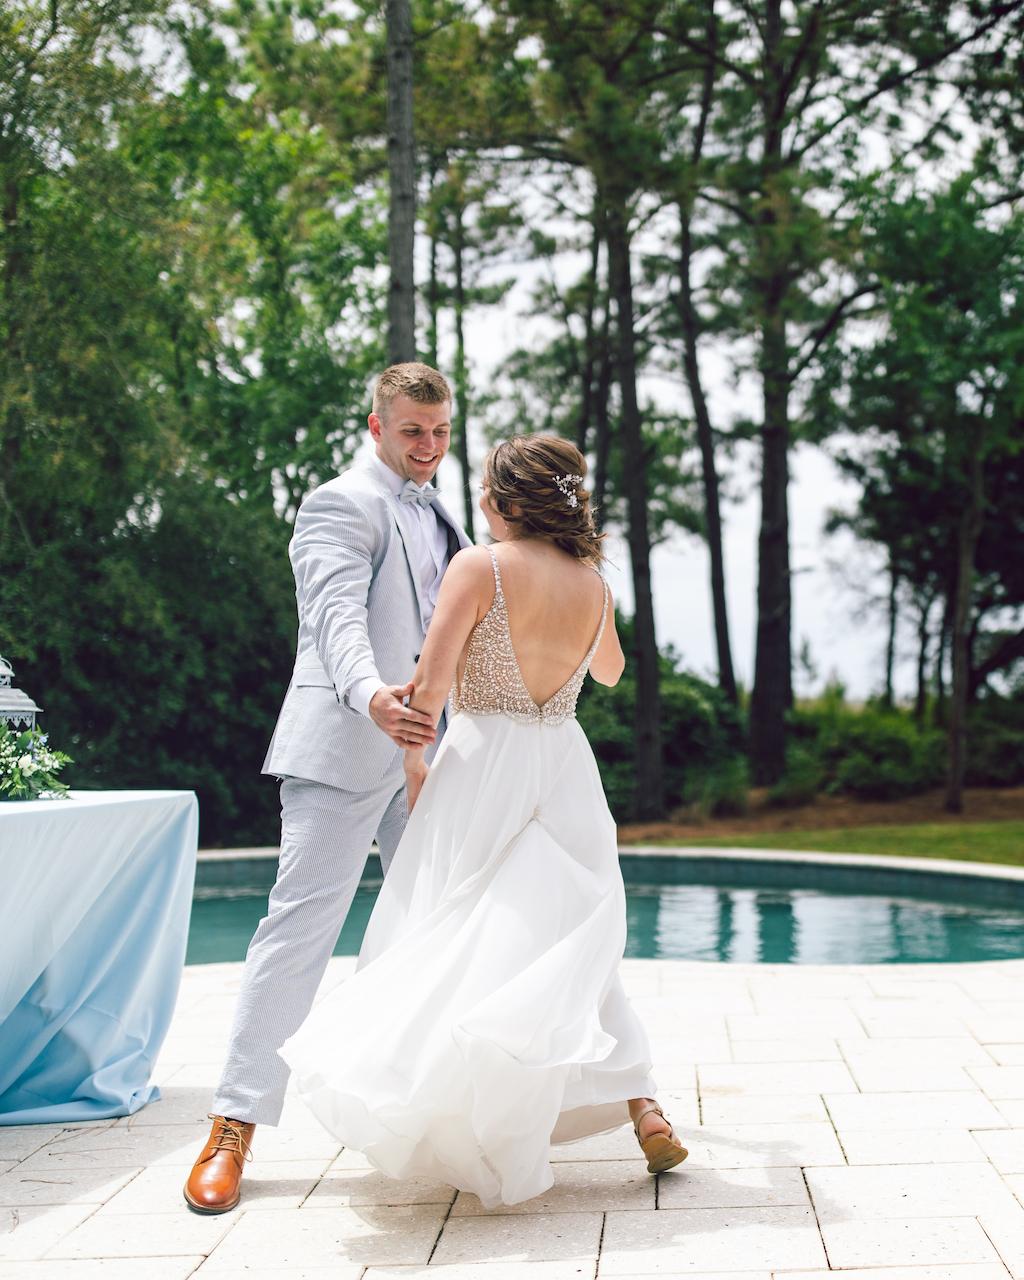 hilton-head-island-wedding-sc-reception247.jpg